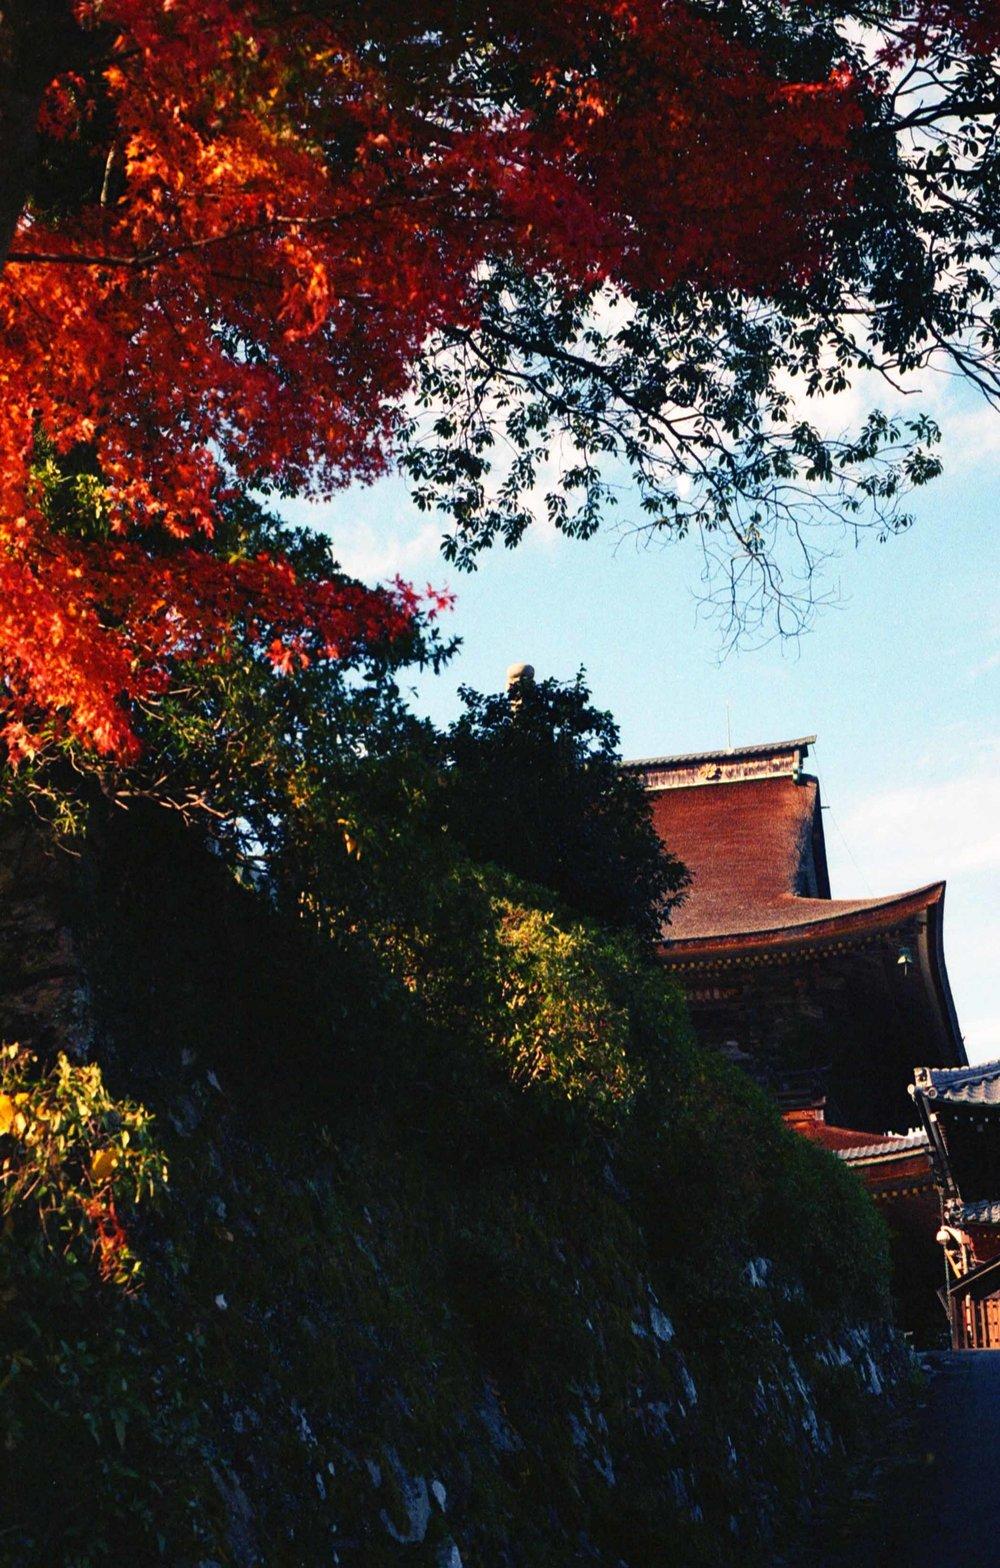 「金峯山寺藏王堂(Kinpuden-ji Zao-do)」